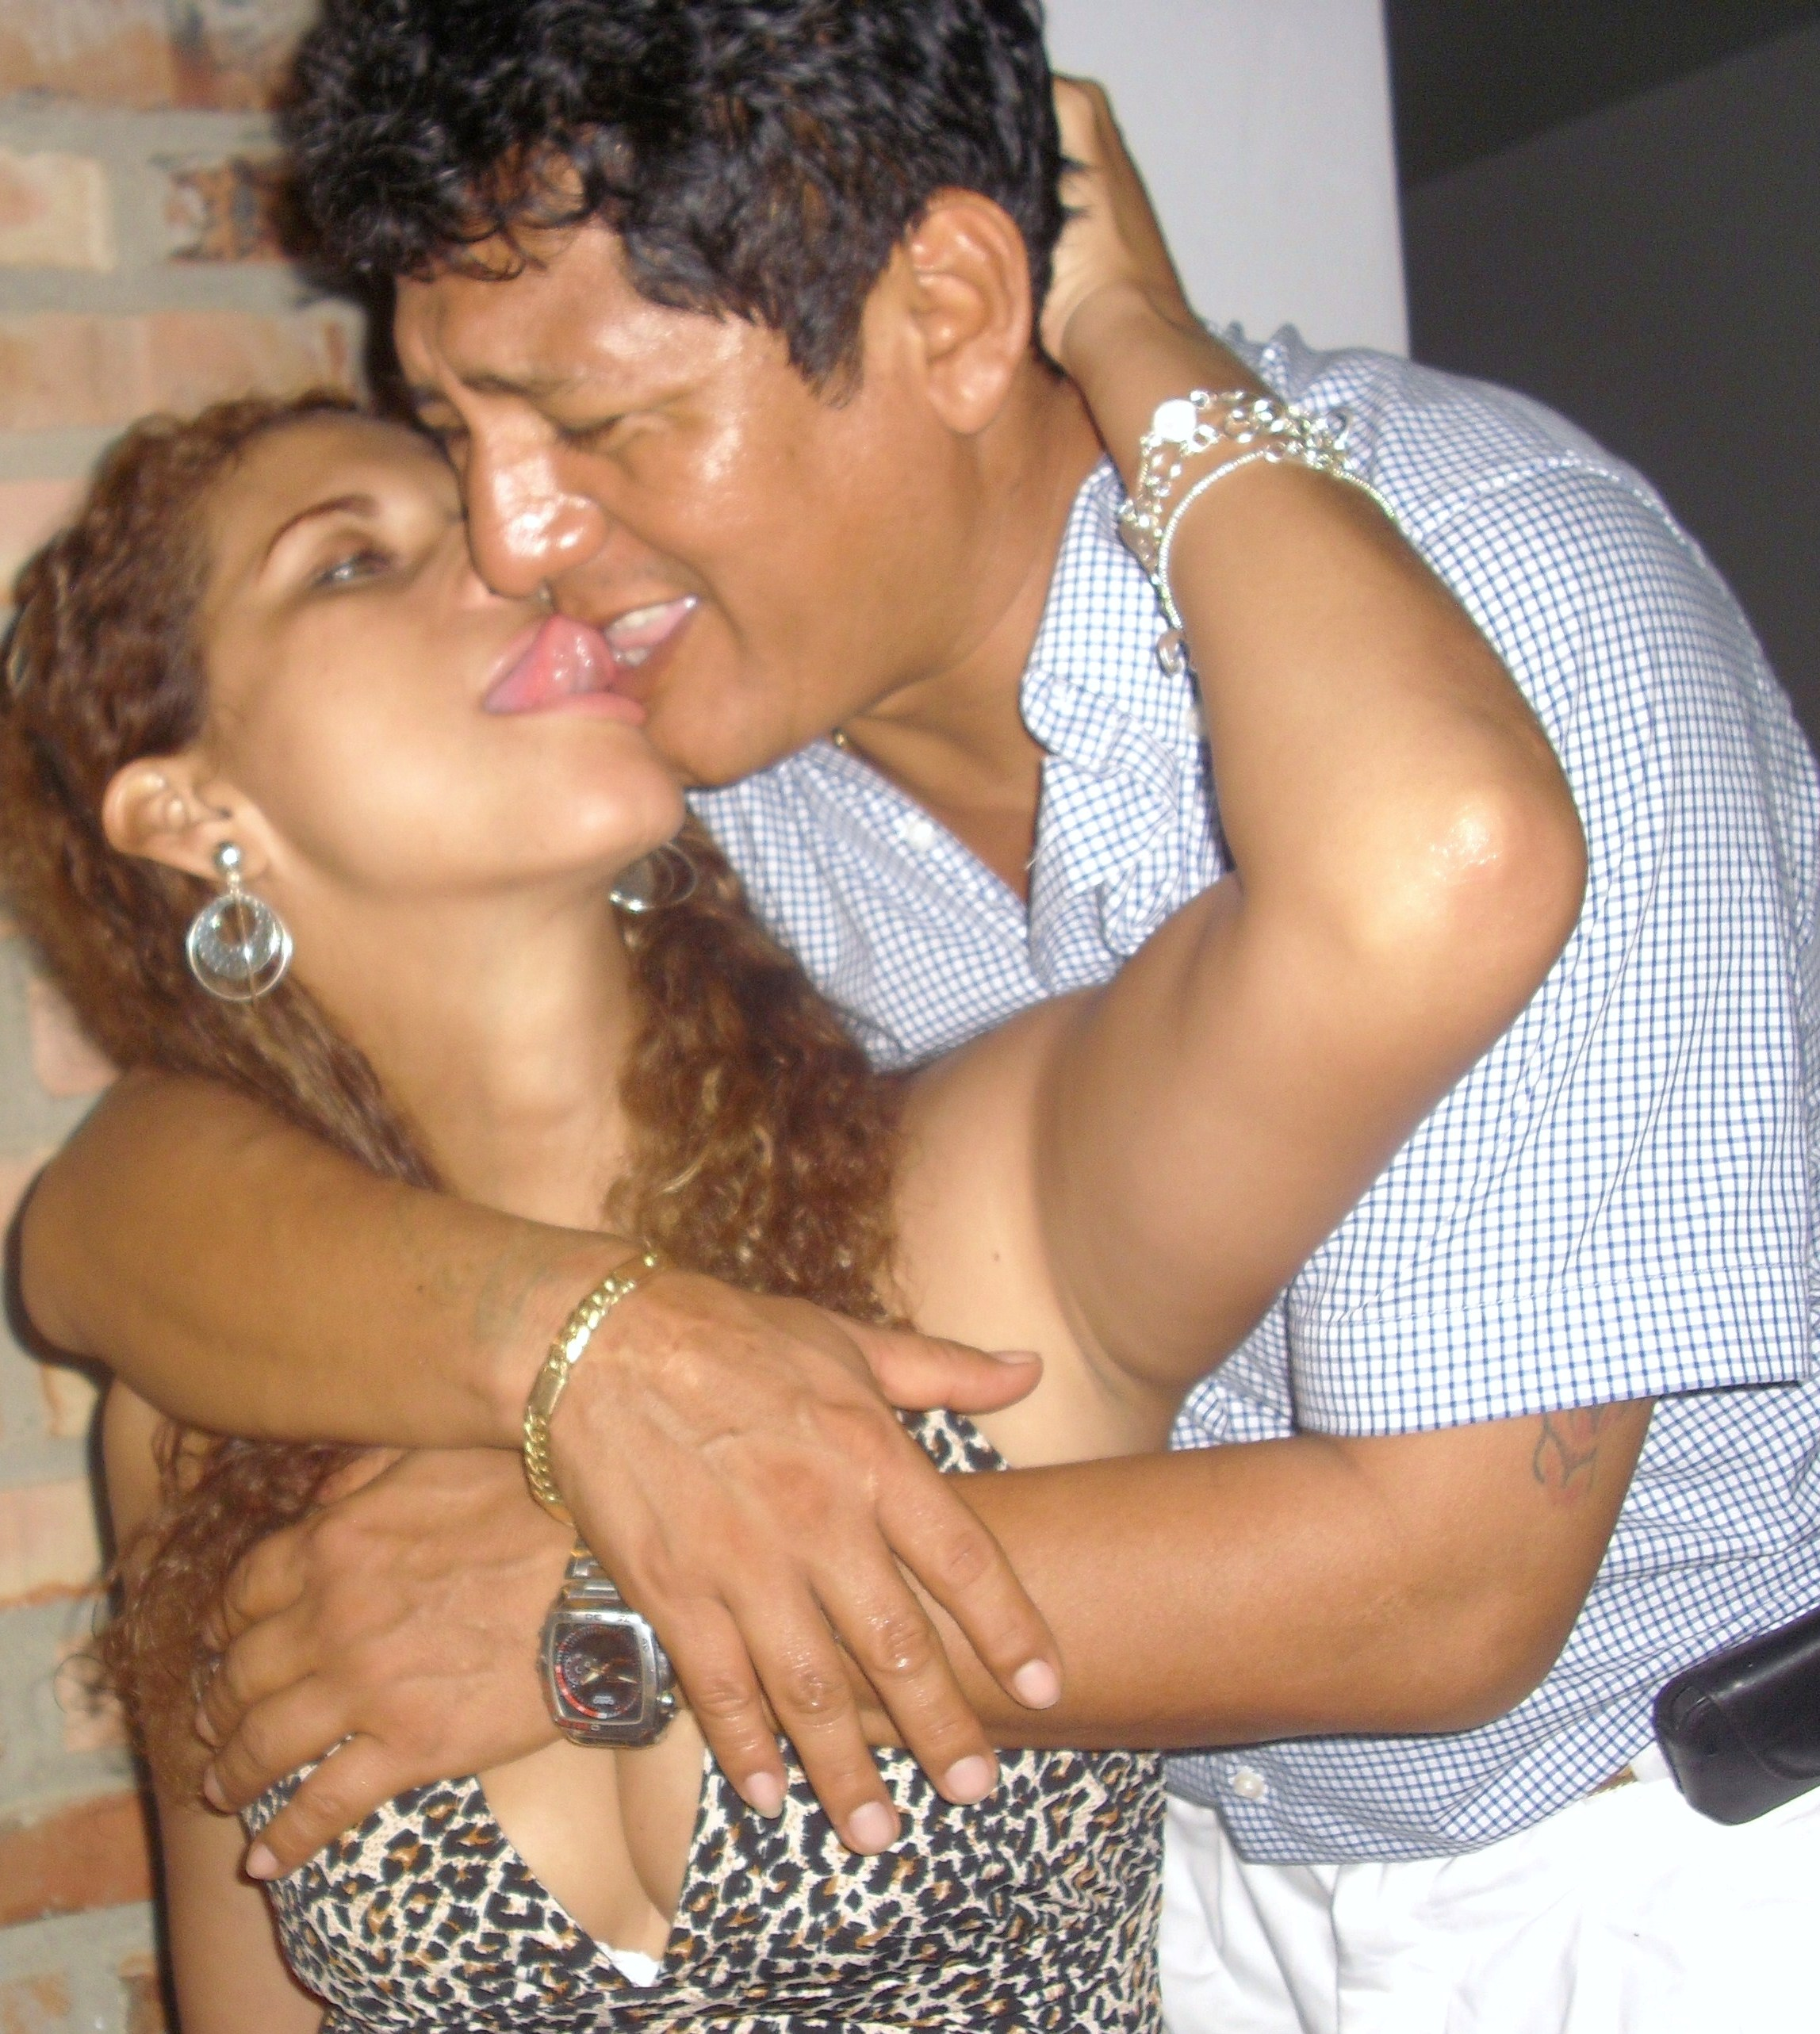 prostitutas grabadas con camara oculta prostibulos en republica dominicana